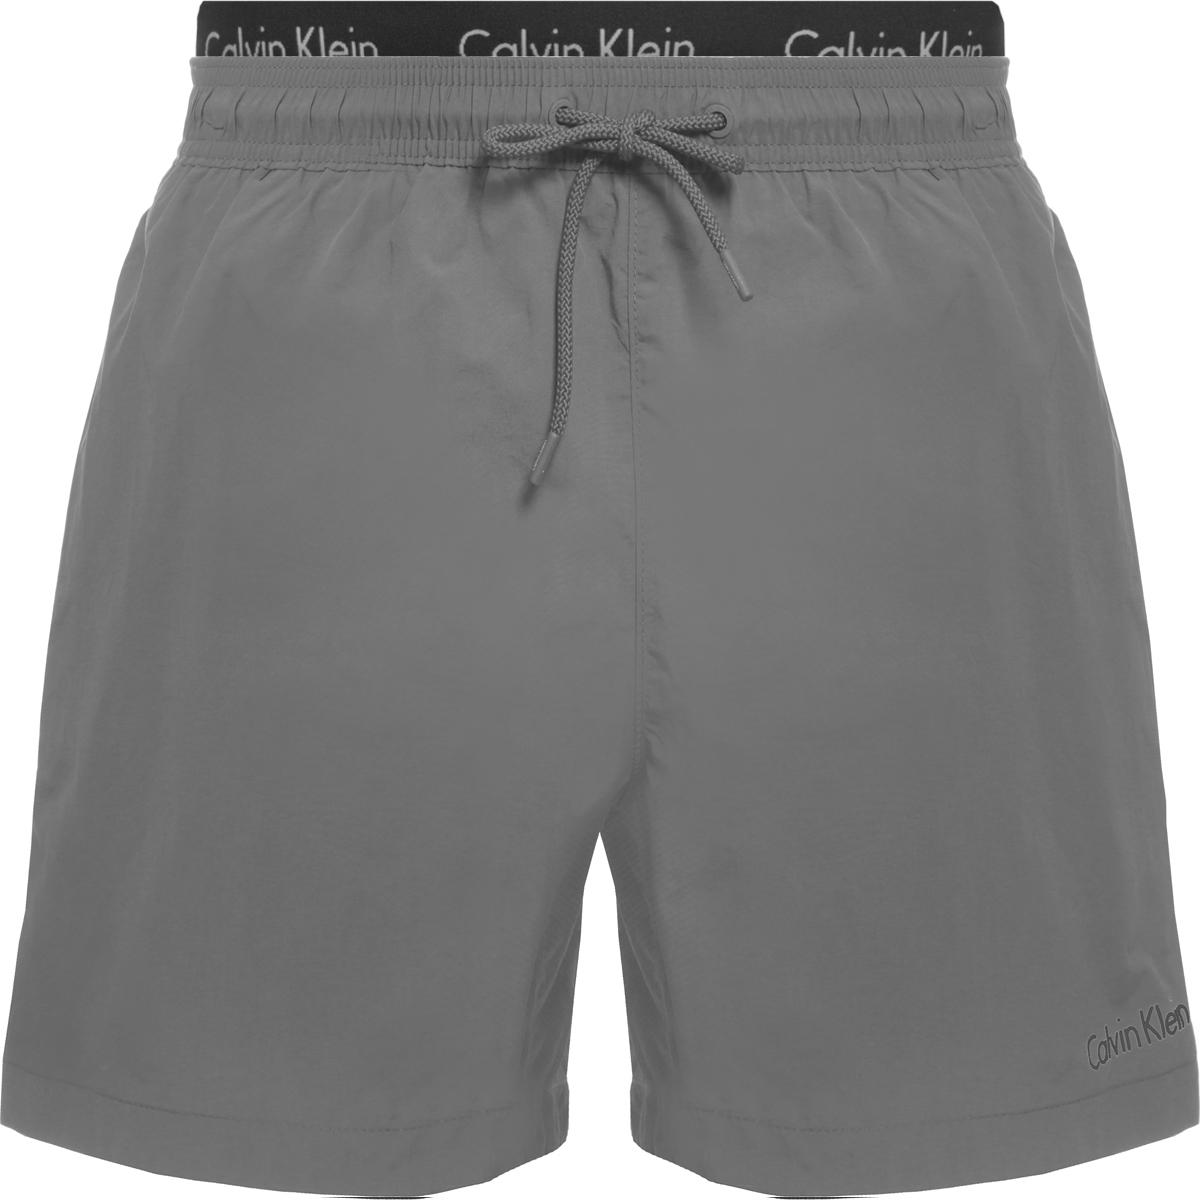 Шорты купальные мужские Calvin Klein Underwear, цвет: серый. KM0KM00167. Размер XL (52)KM0KM00167Шорты купальные мужские Calvin Klein Underwear выполнены из полиамида. Модель дополнена затягивающимся шнурком.